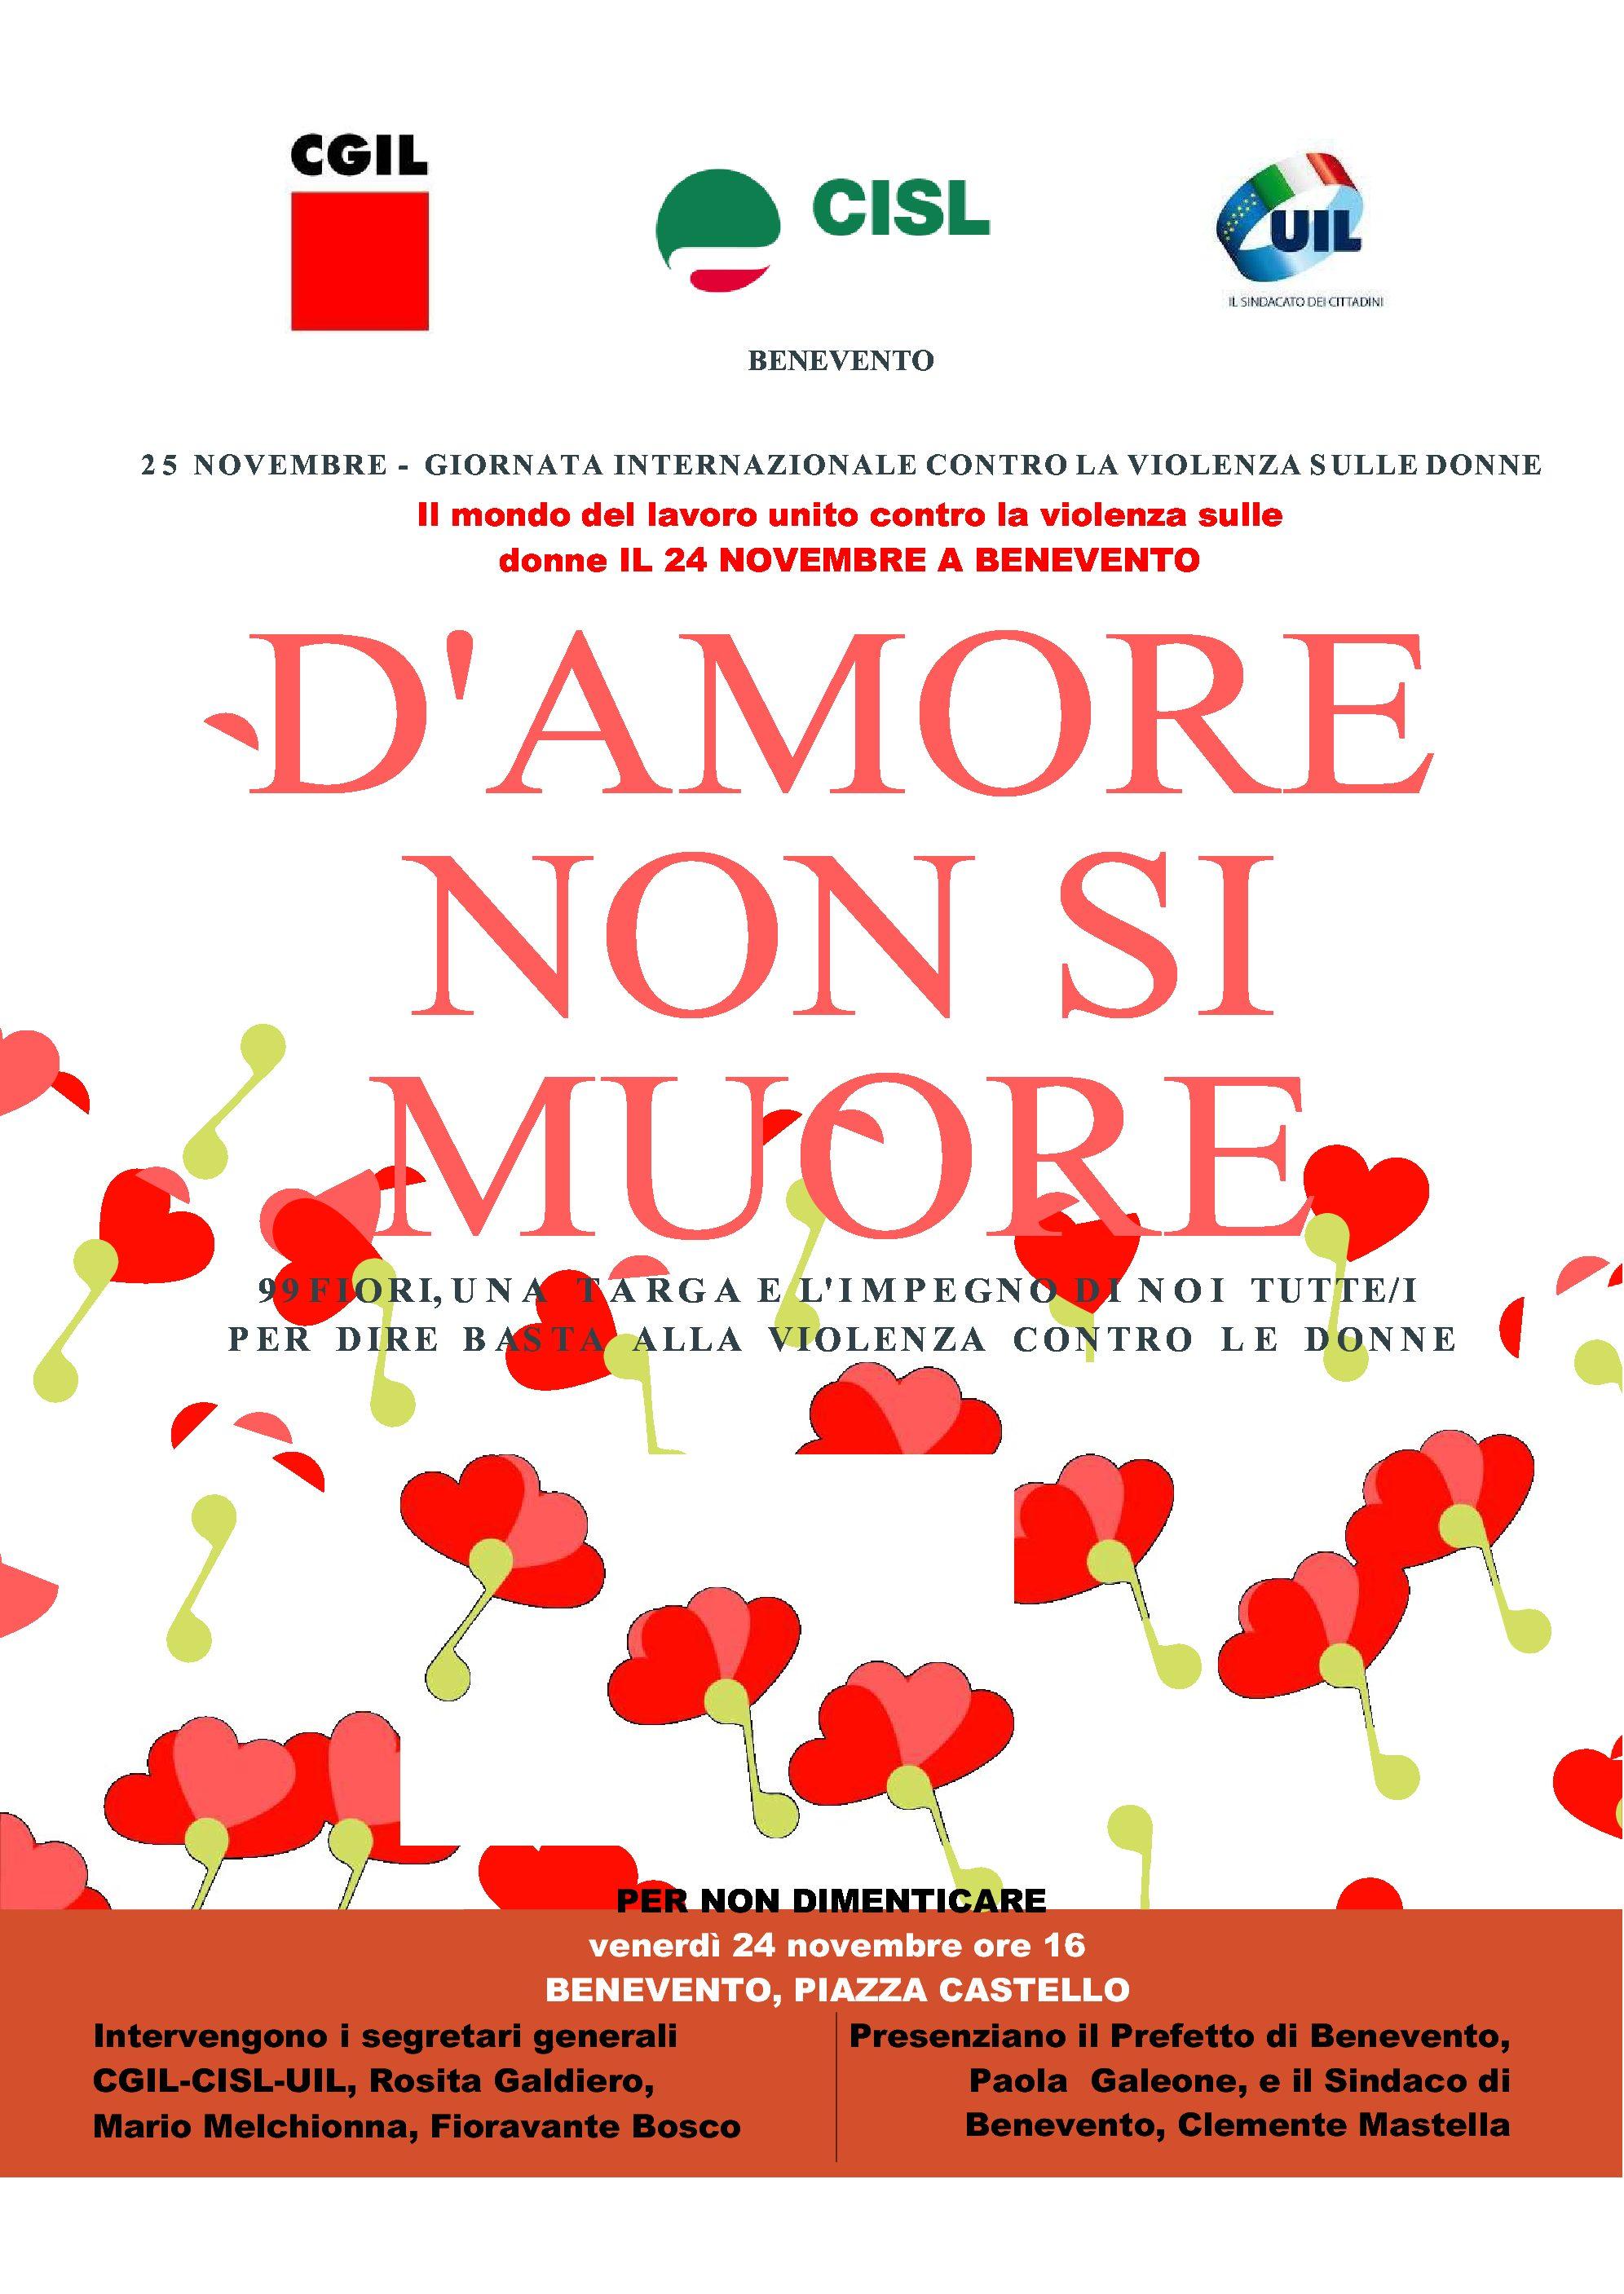 Il mondo del lavoro unito contro la violenza sulle donne il 24 novembre a Benevento Venerd¬ 24 novembre 2017 ore 16 Benevento Piazza Castello Intervengono